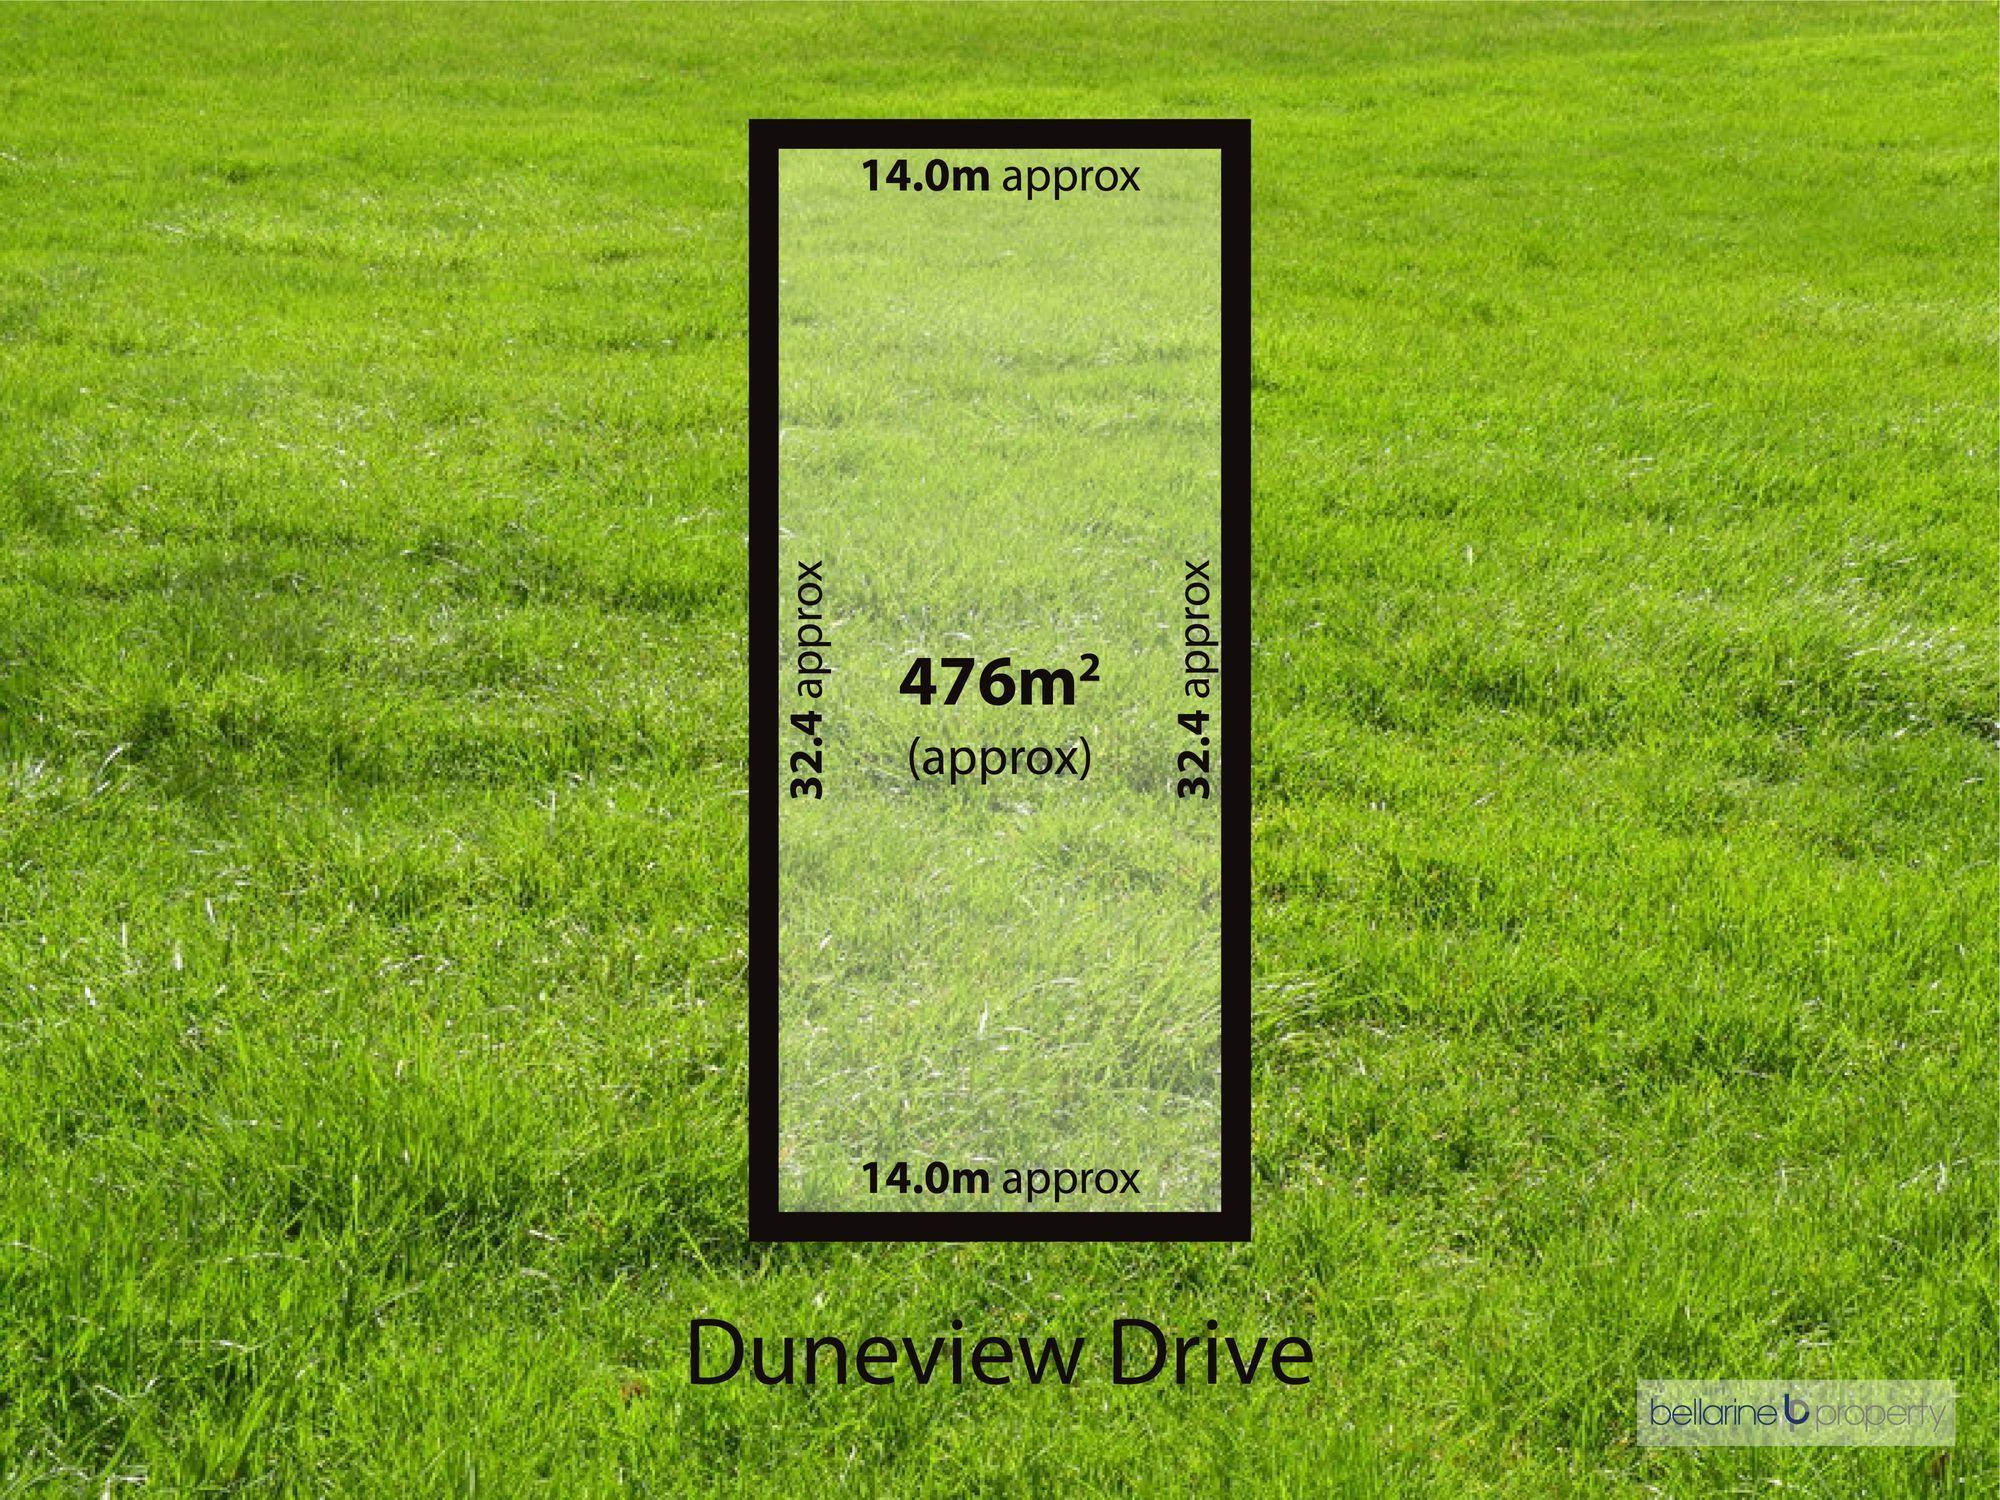 65 Duneview Drive, Ocean Grove Victoria 3226